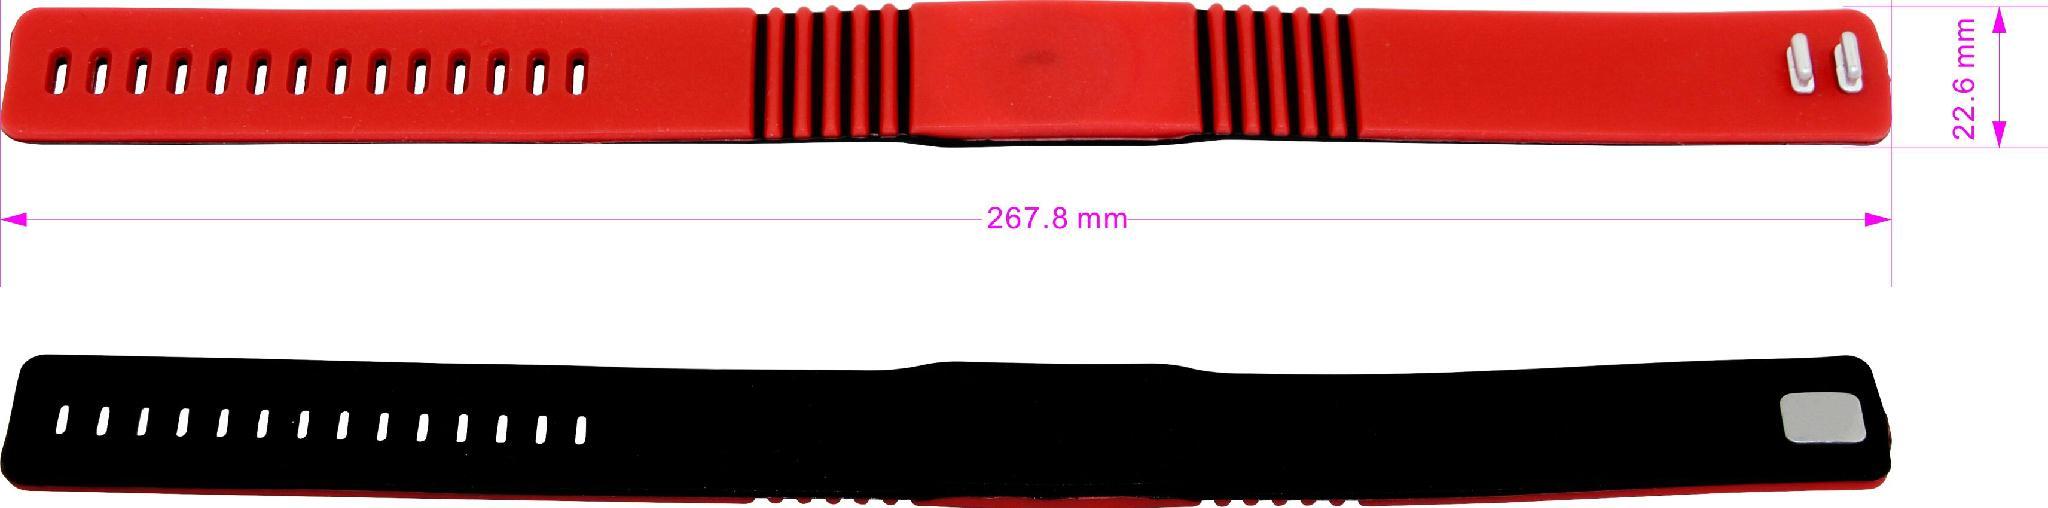 I CODE 2 硅胶手腕带 手表扣腕带 凸扣腕带健身房卡 4